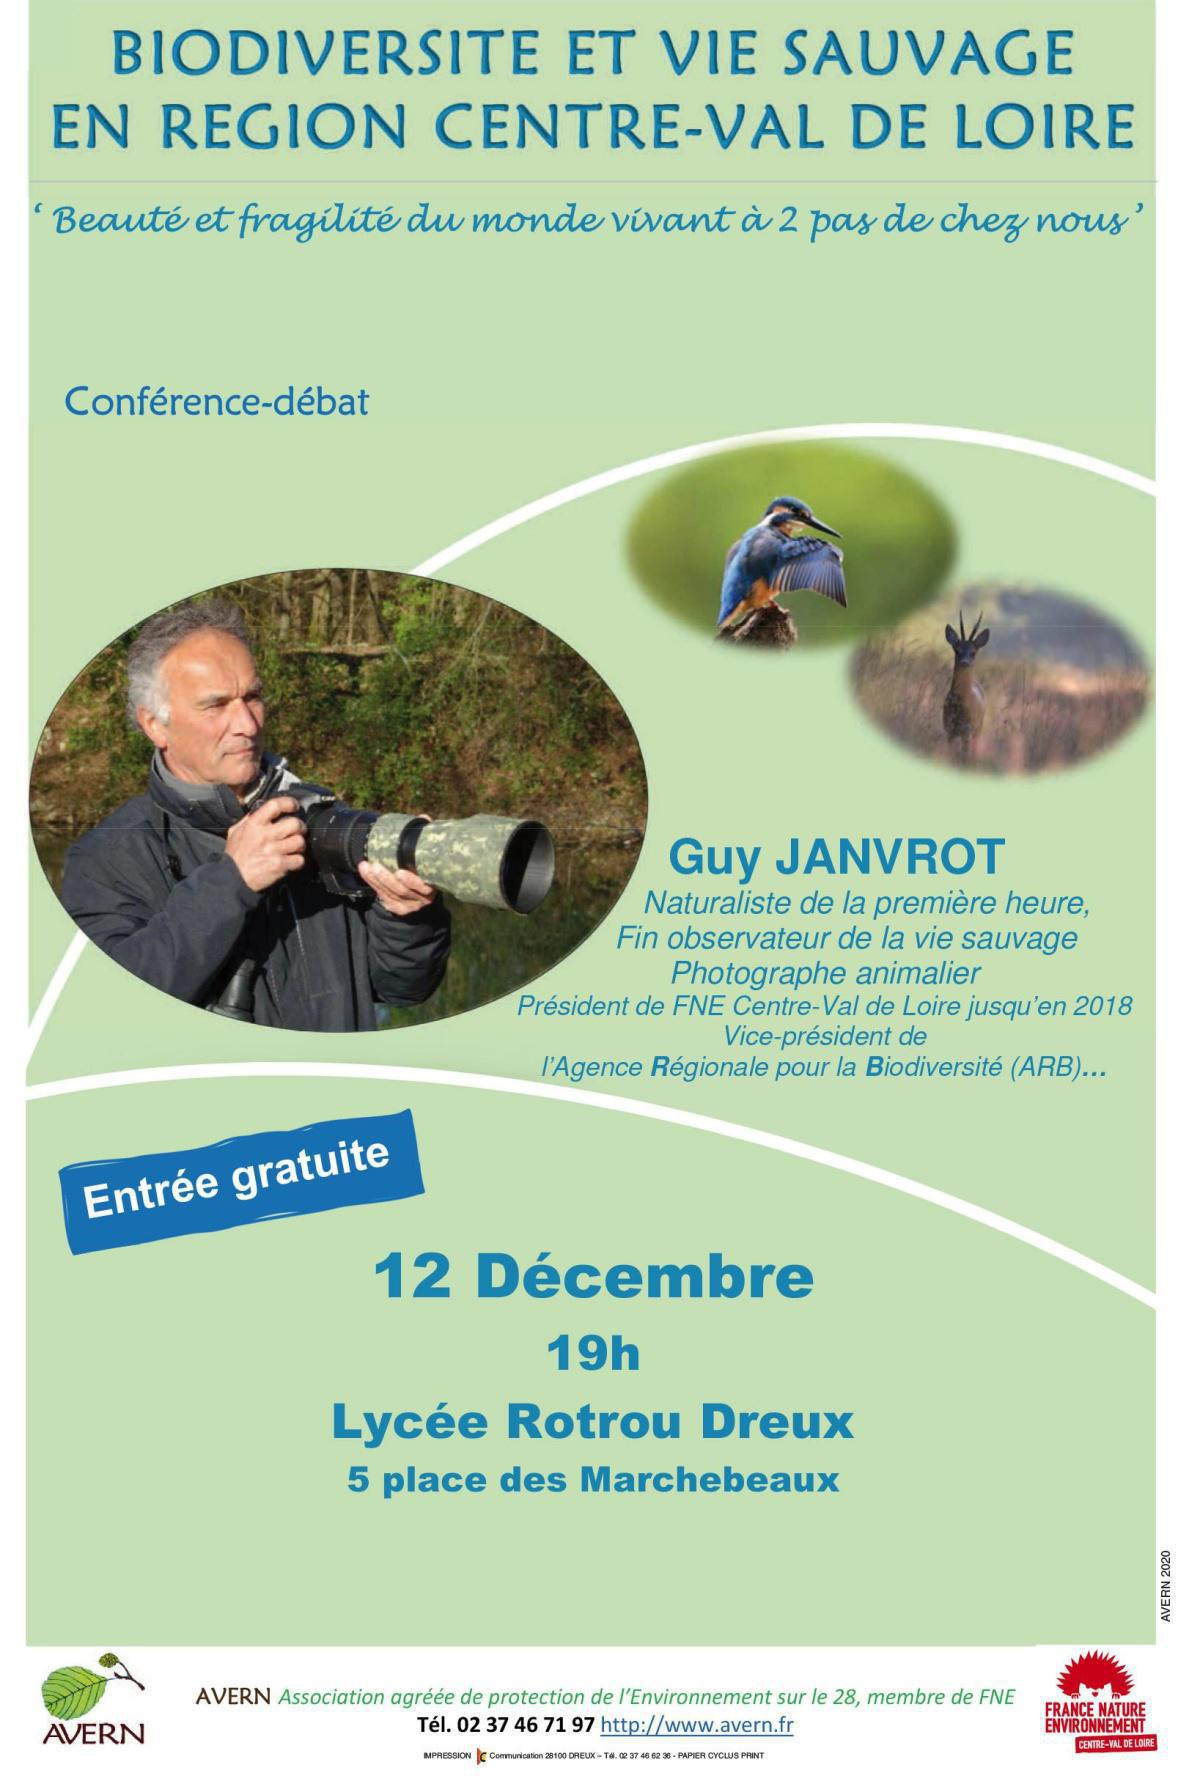 Biodiversité et vie sauvage en région Centre-Val de Loire